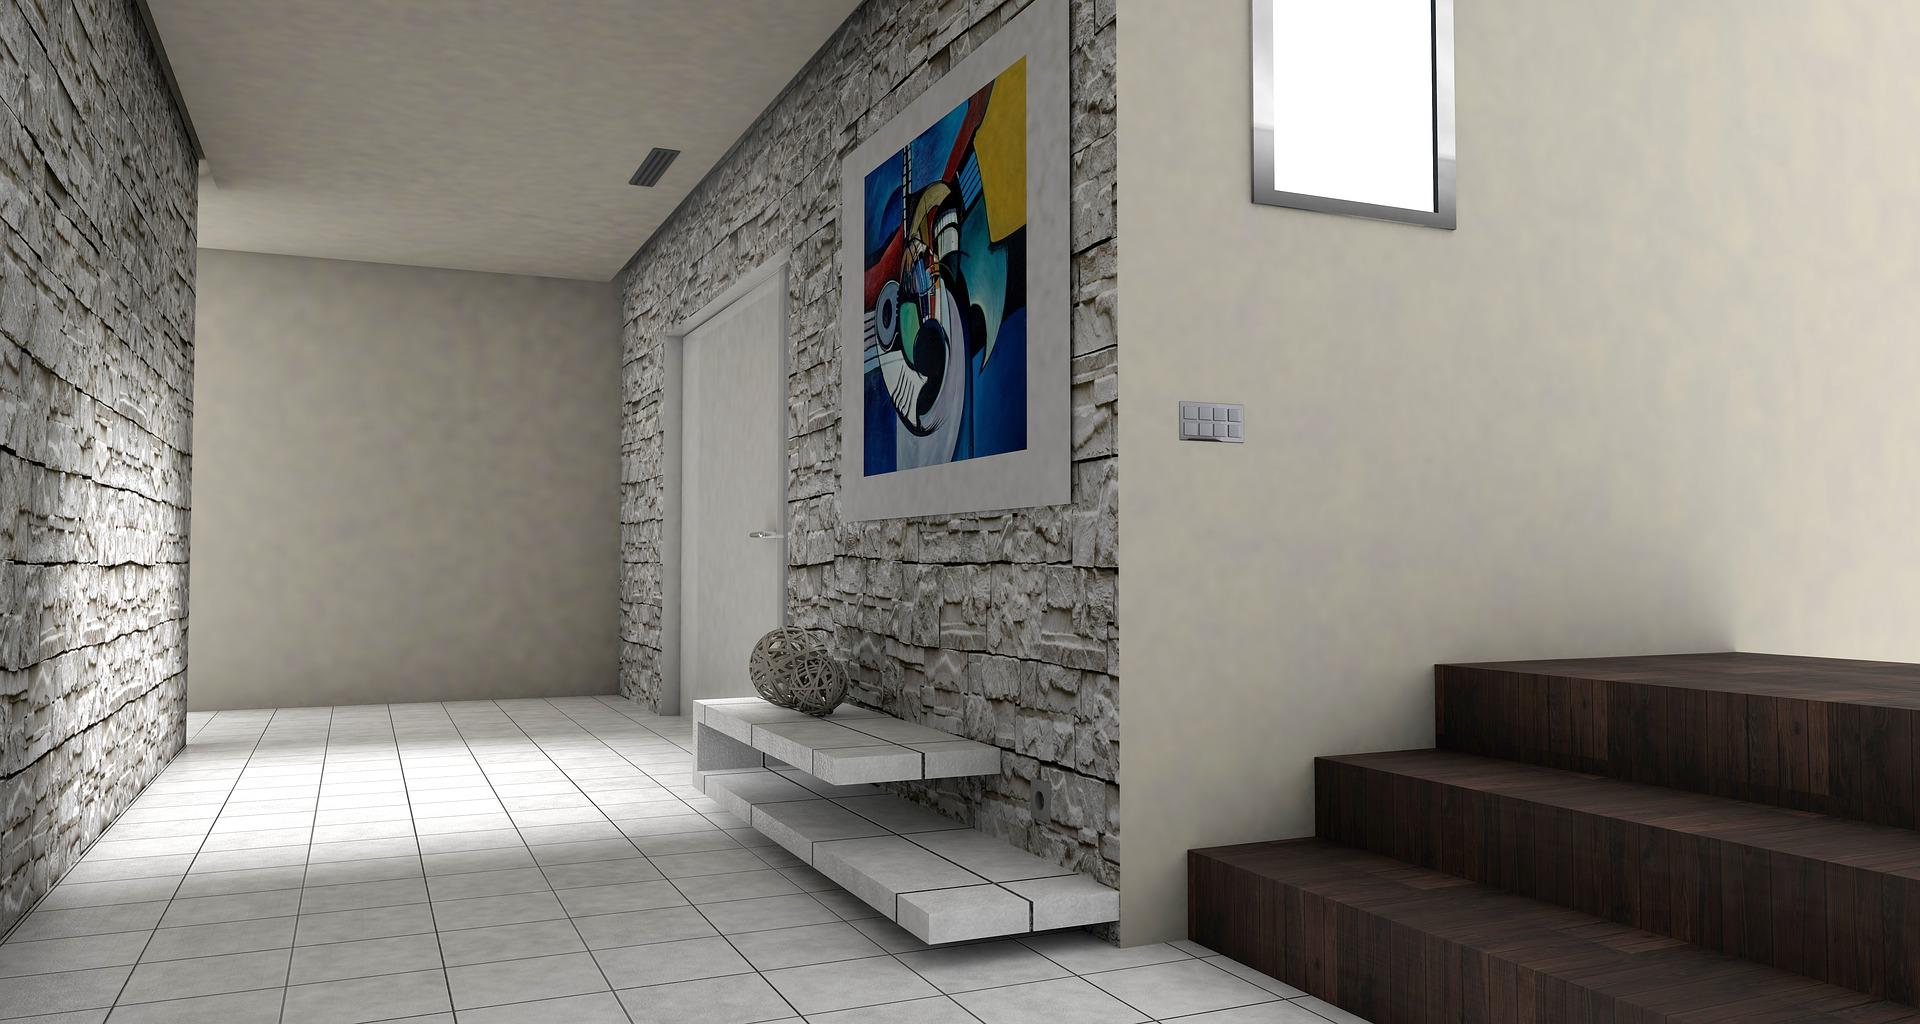 floor-2221787_1920